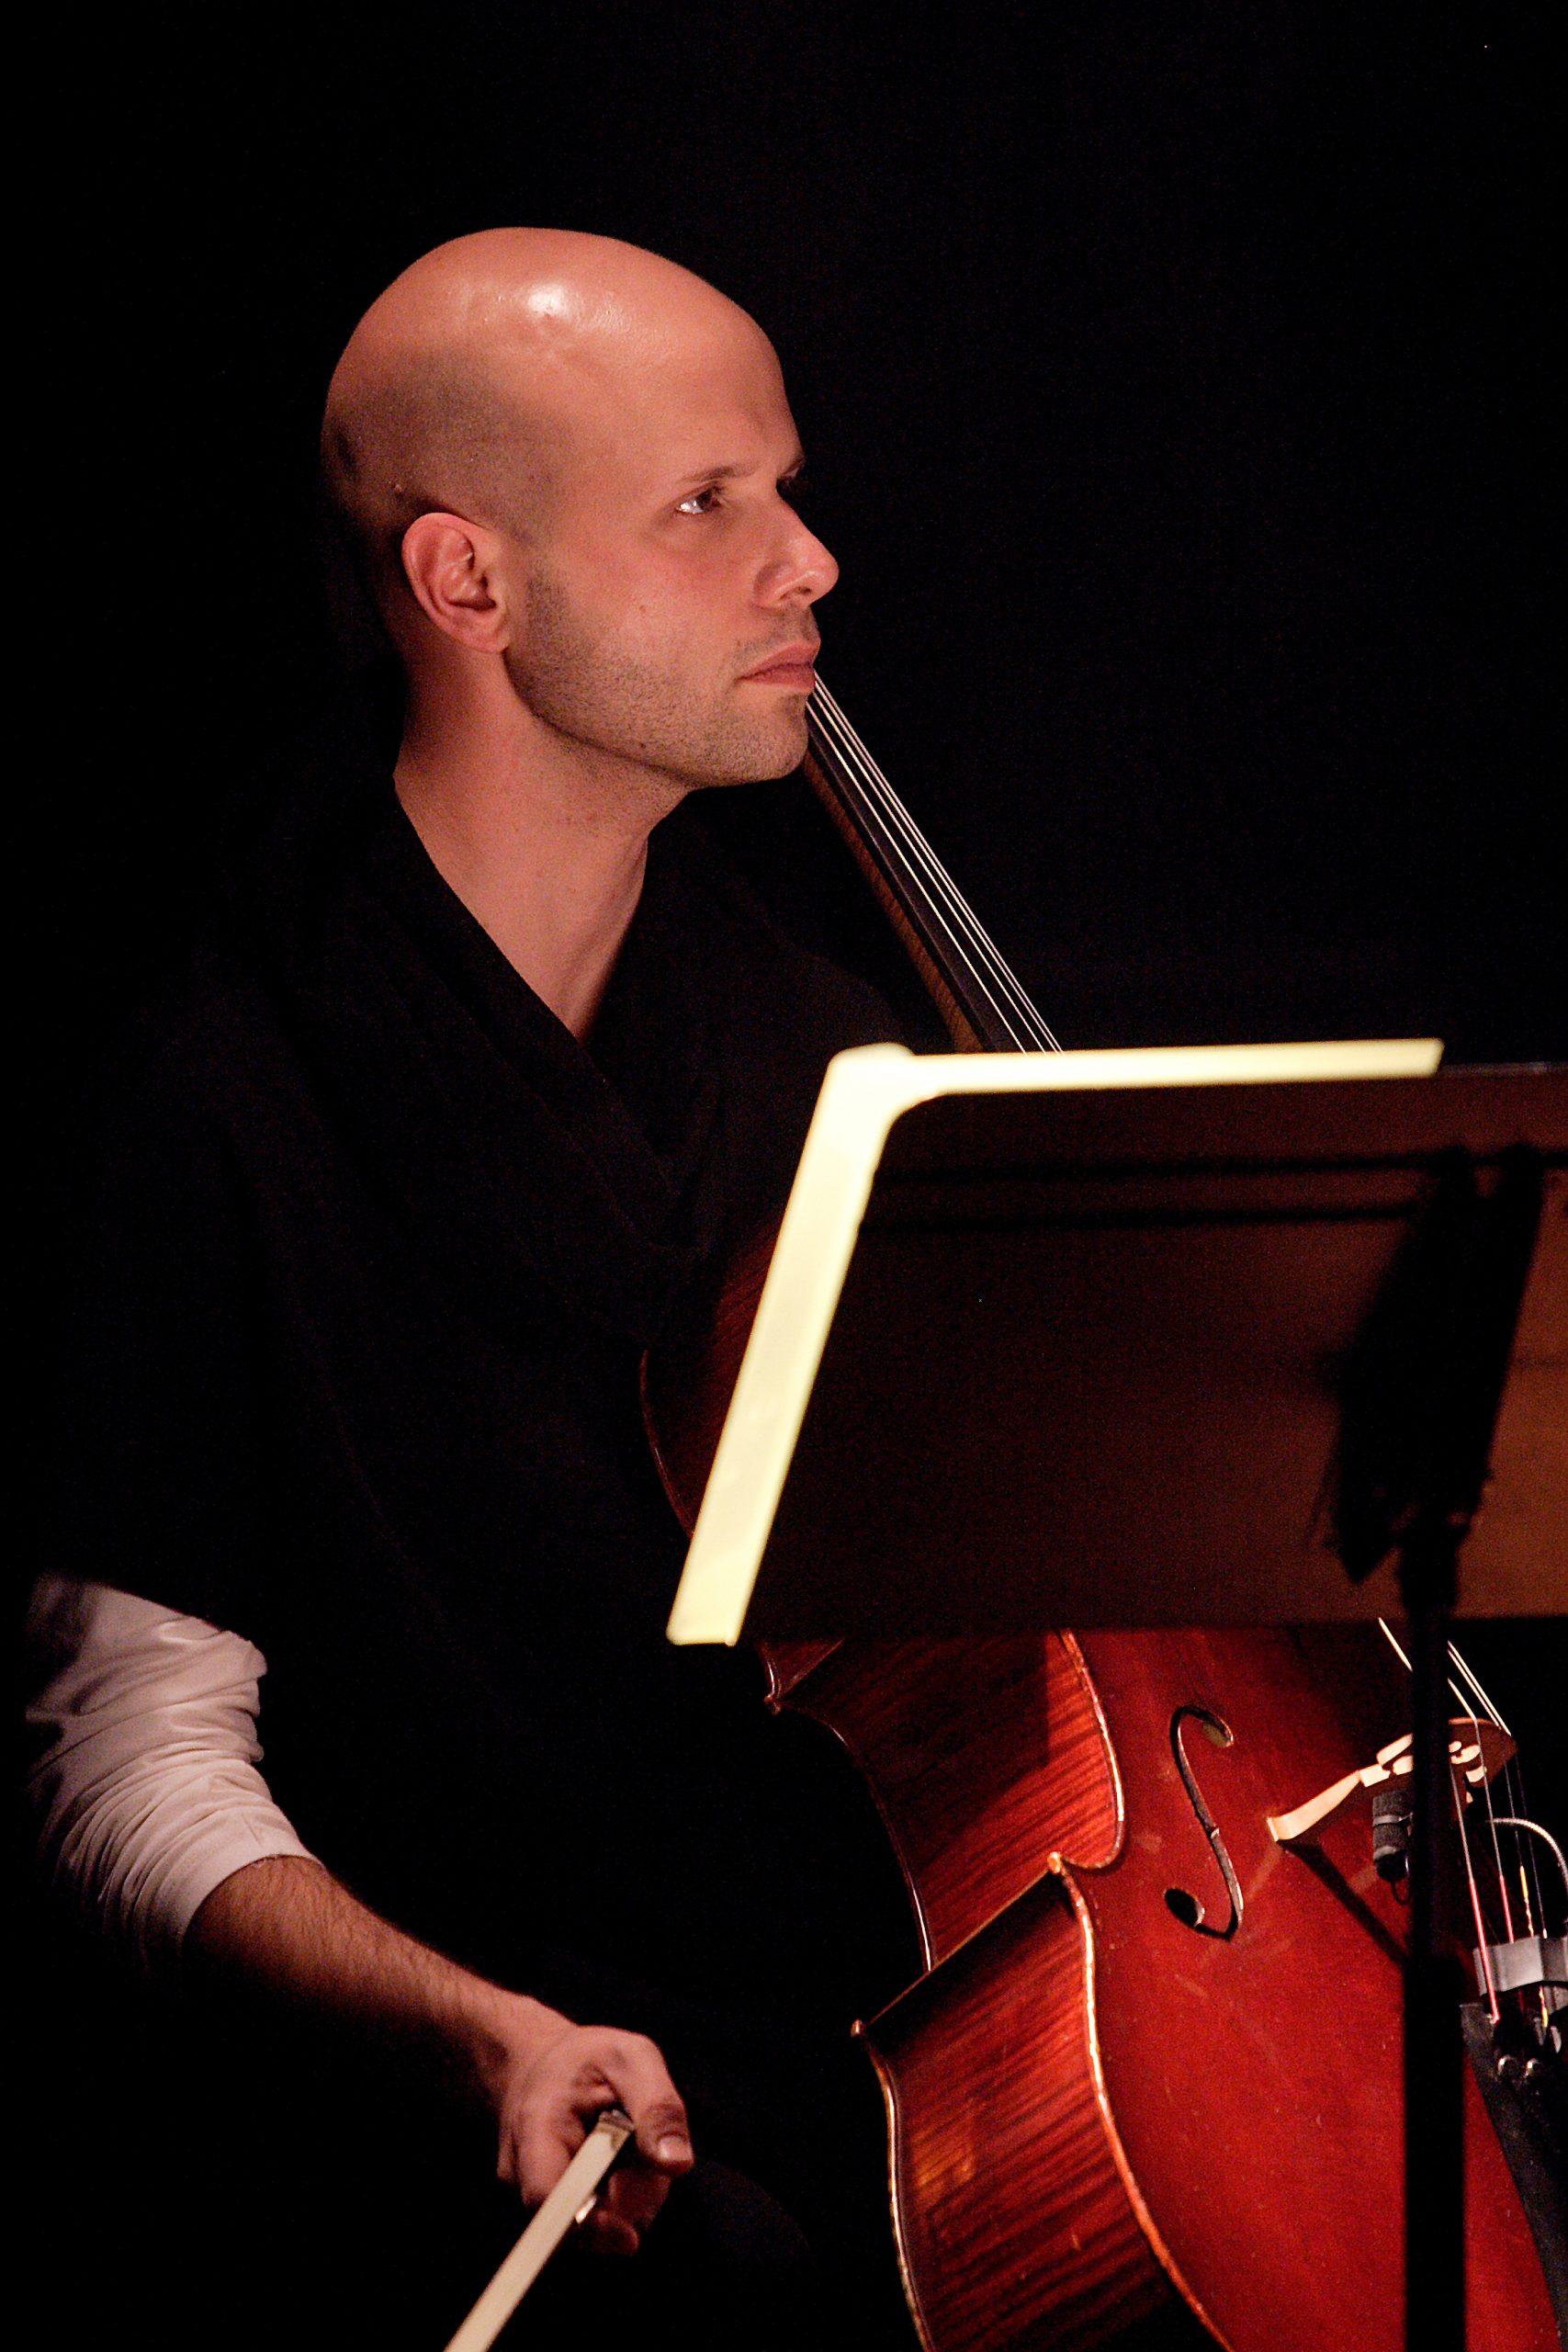 El ciclo corteza de encina ofrece dos conciertos del Cuarteto de violoncellos de la Fundación CelloLeón 5